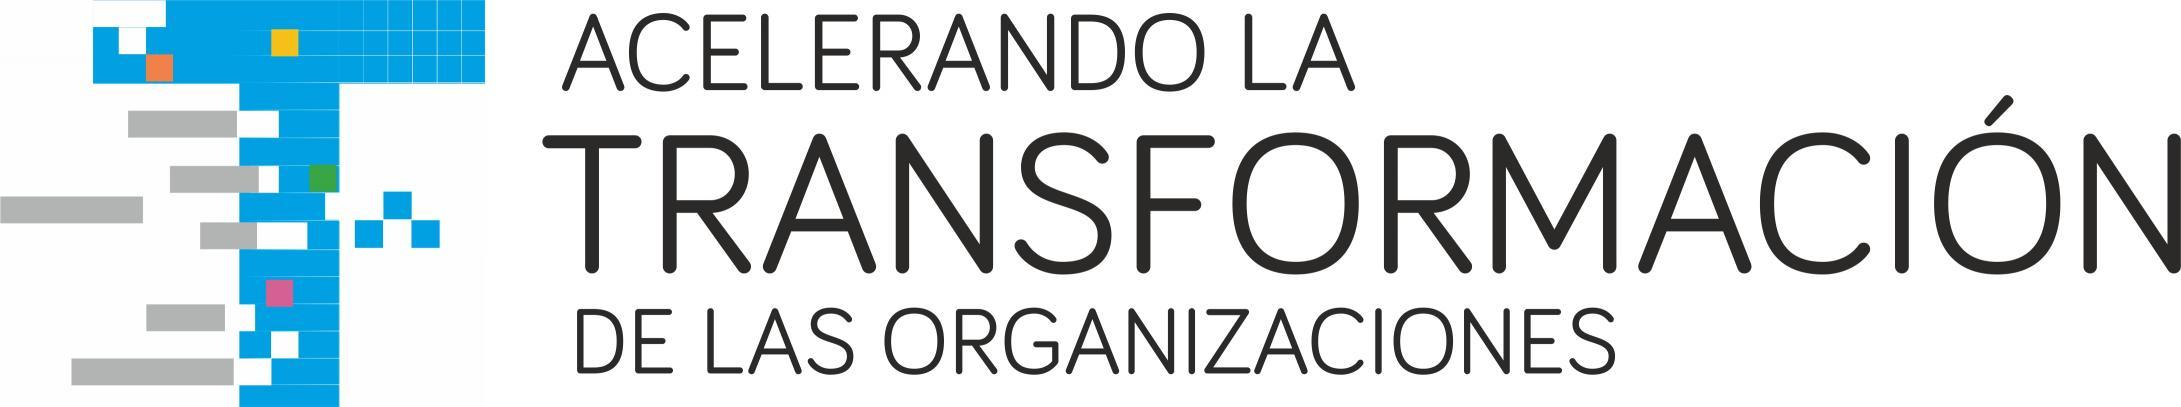 CEG_Acelerando la transformación de las organizaciones